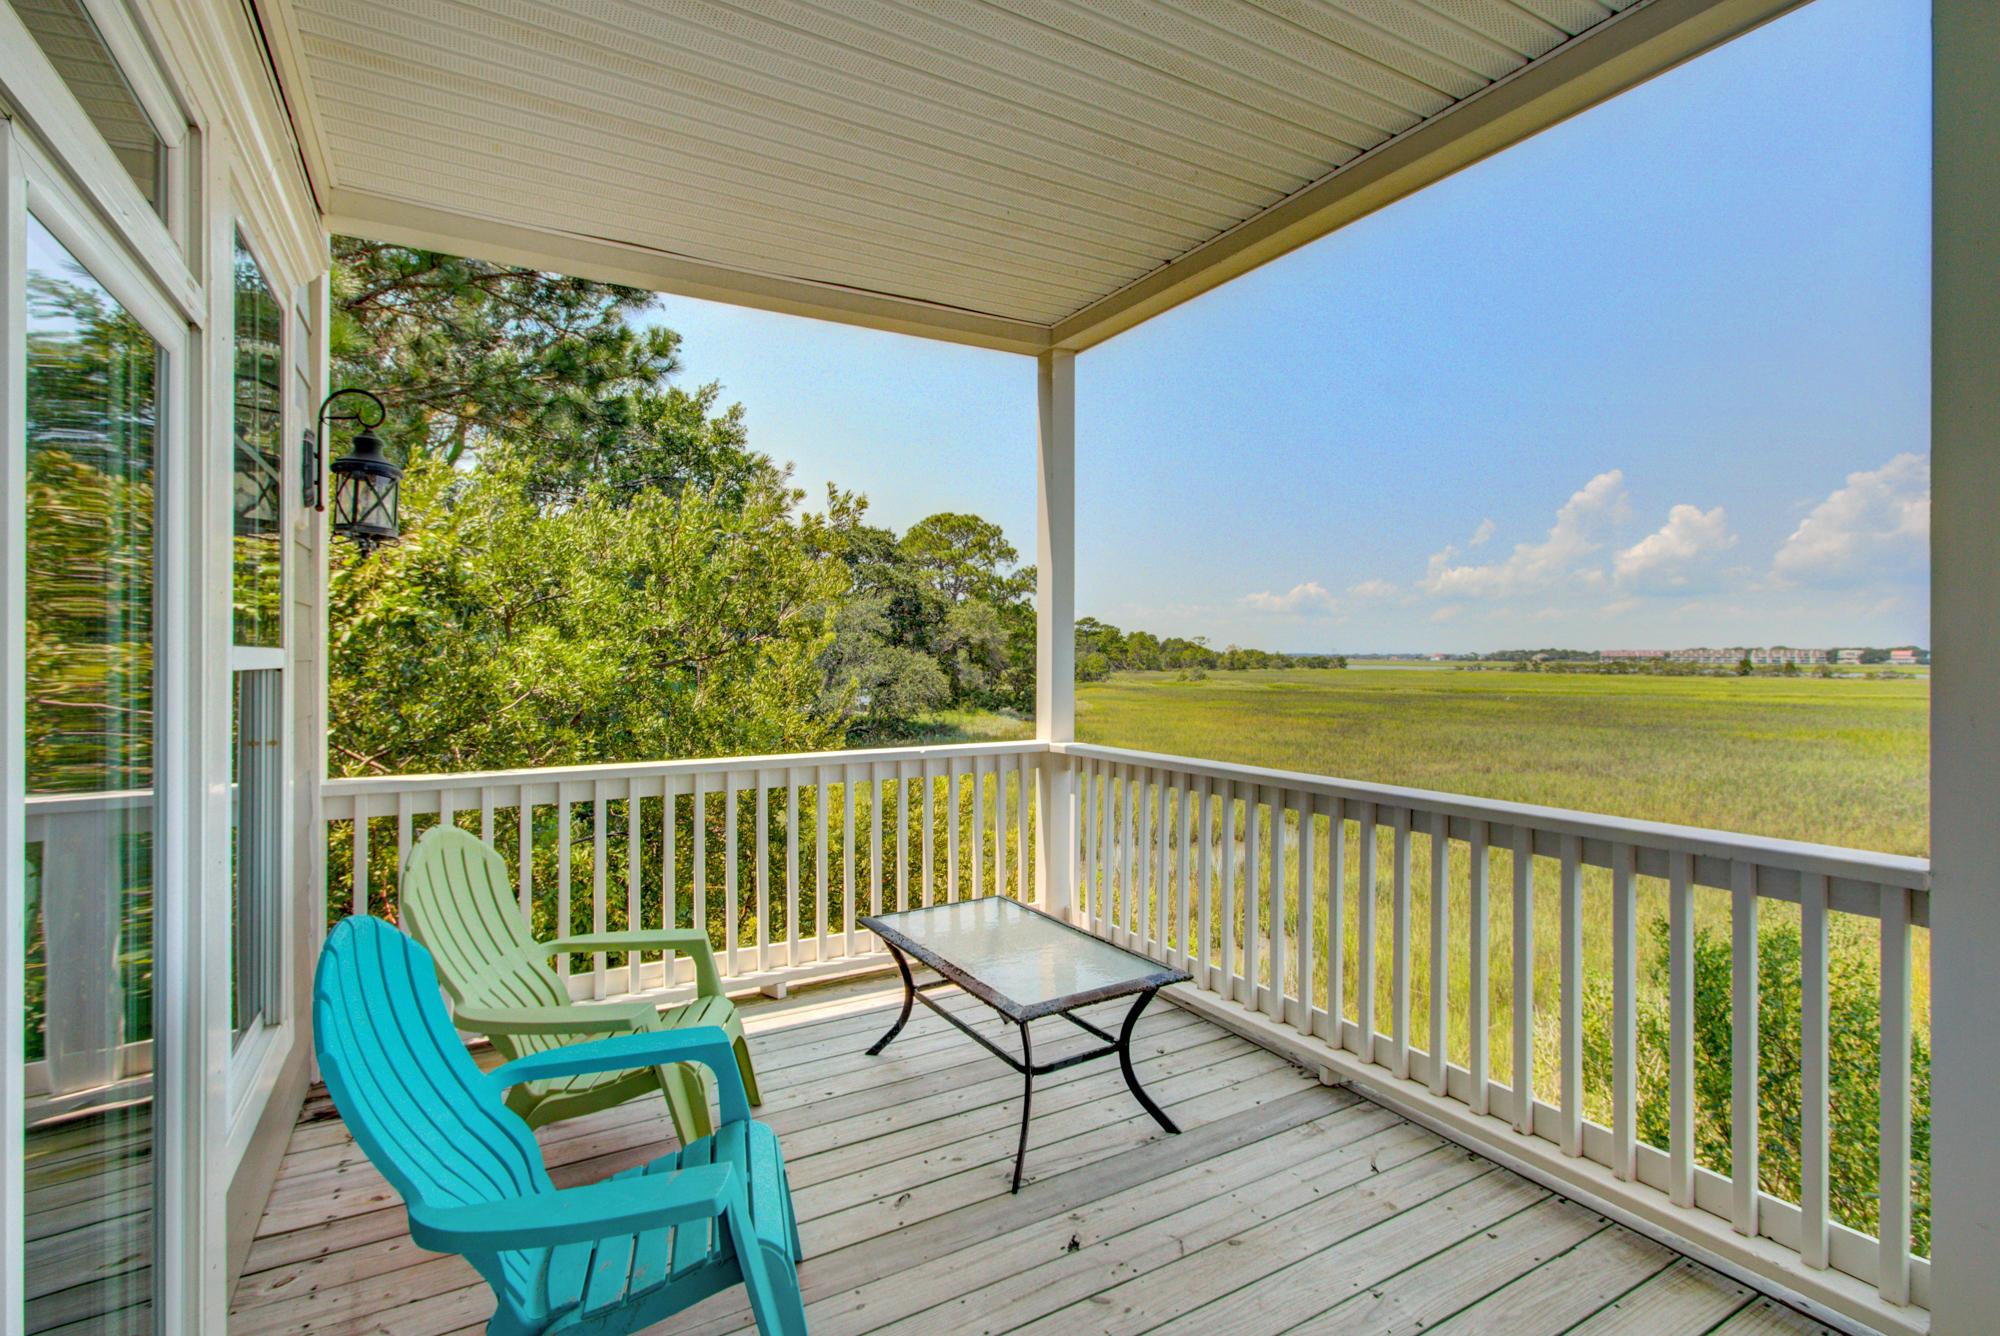 Folly Beach Homes For Sale - 616 Erie, Folly Beach, SC - 20